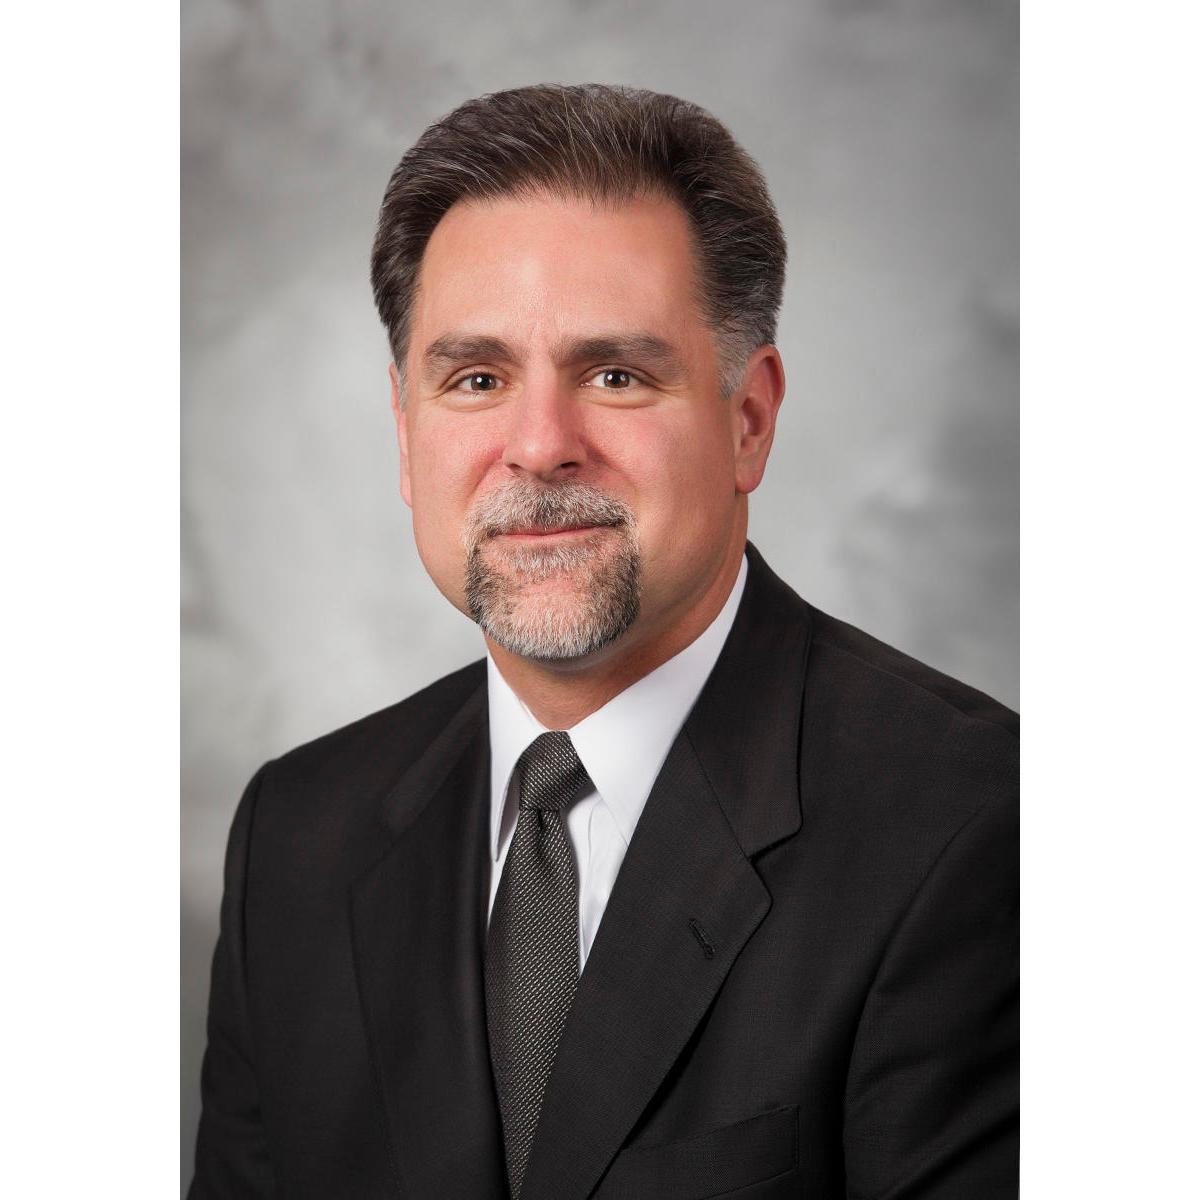 Edward D. Kreske, MD